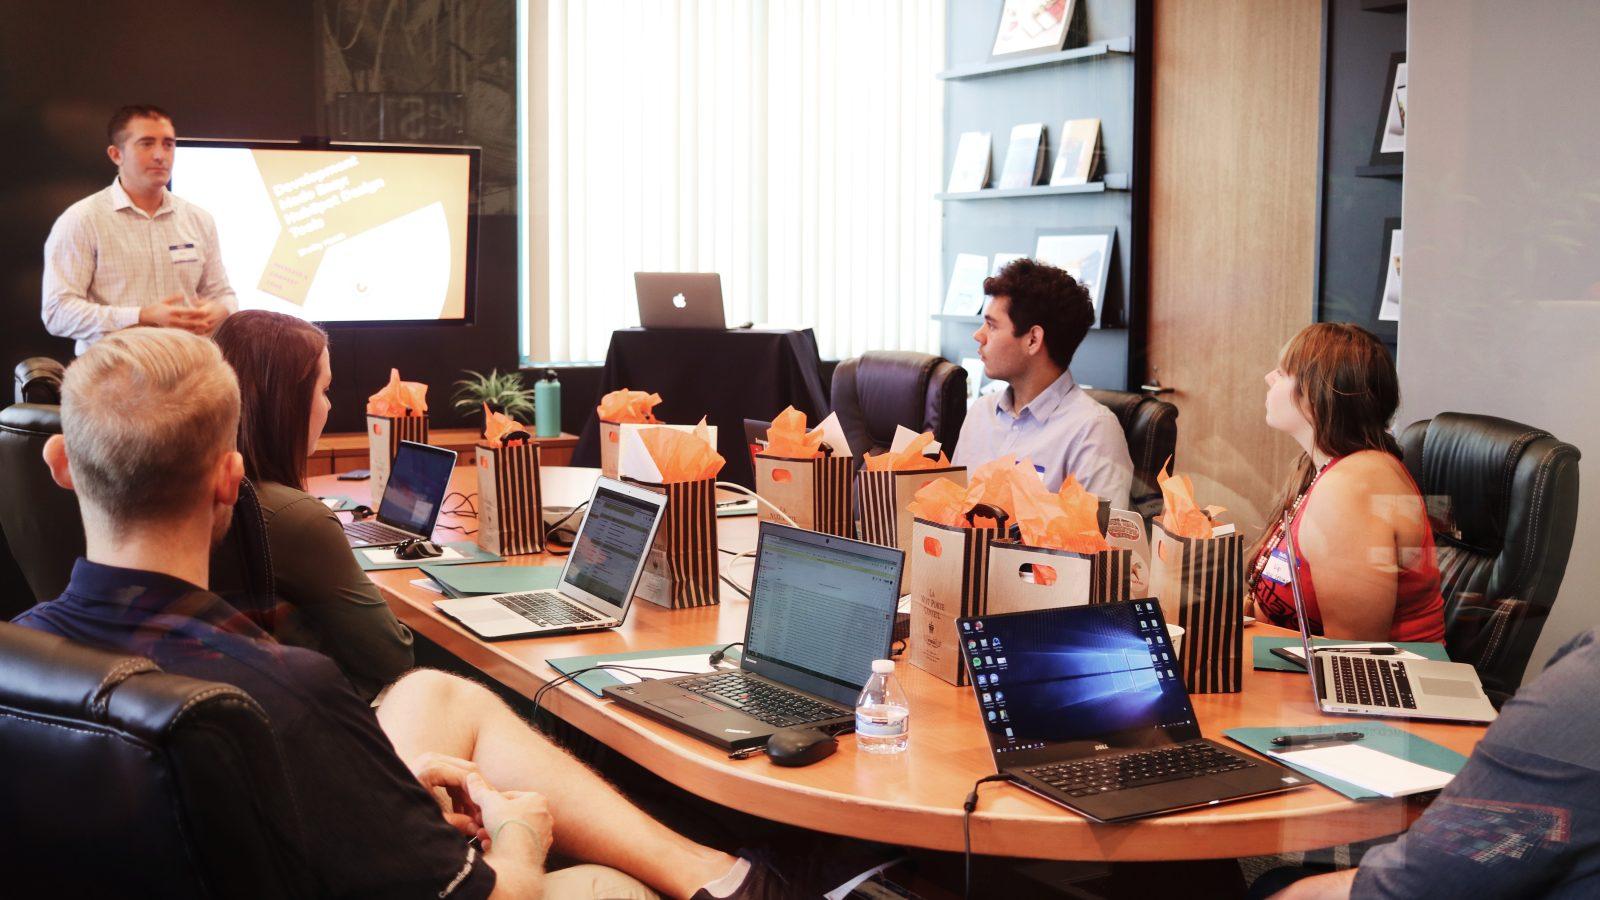 Veranstaltung Meeting im Hotel mit Technik